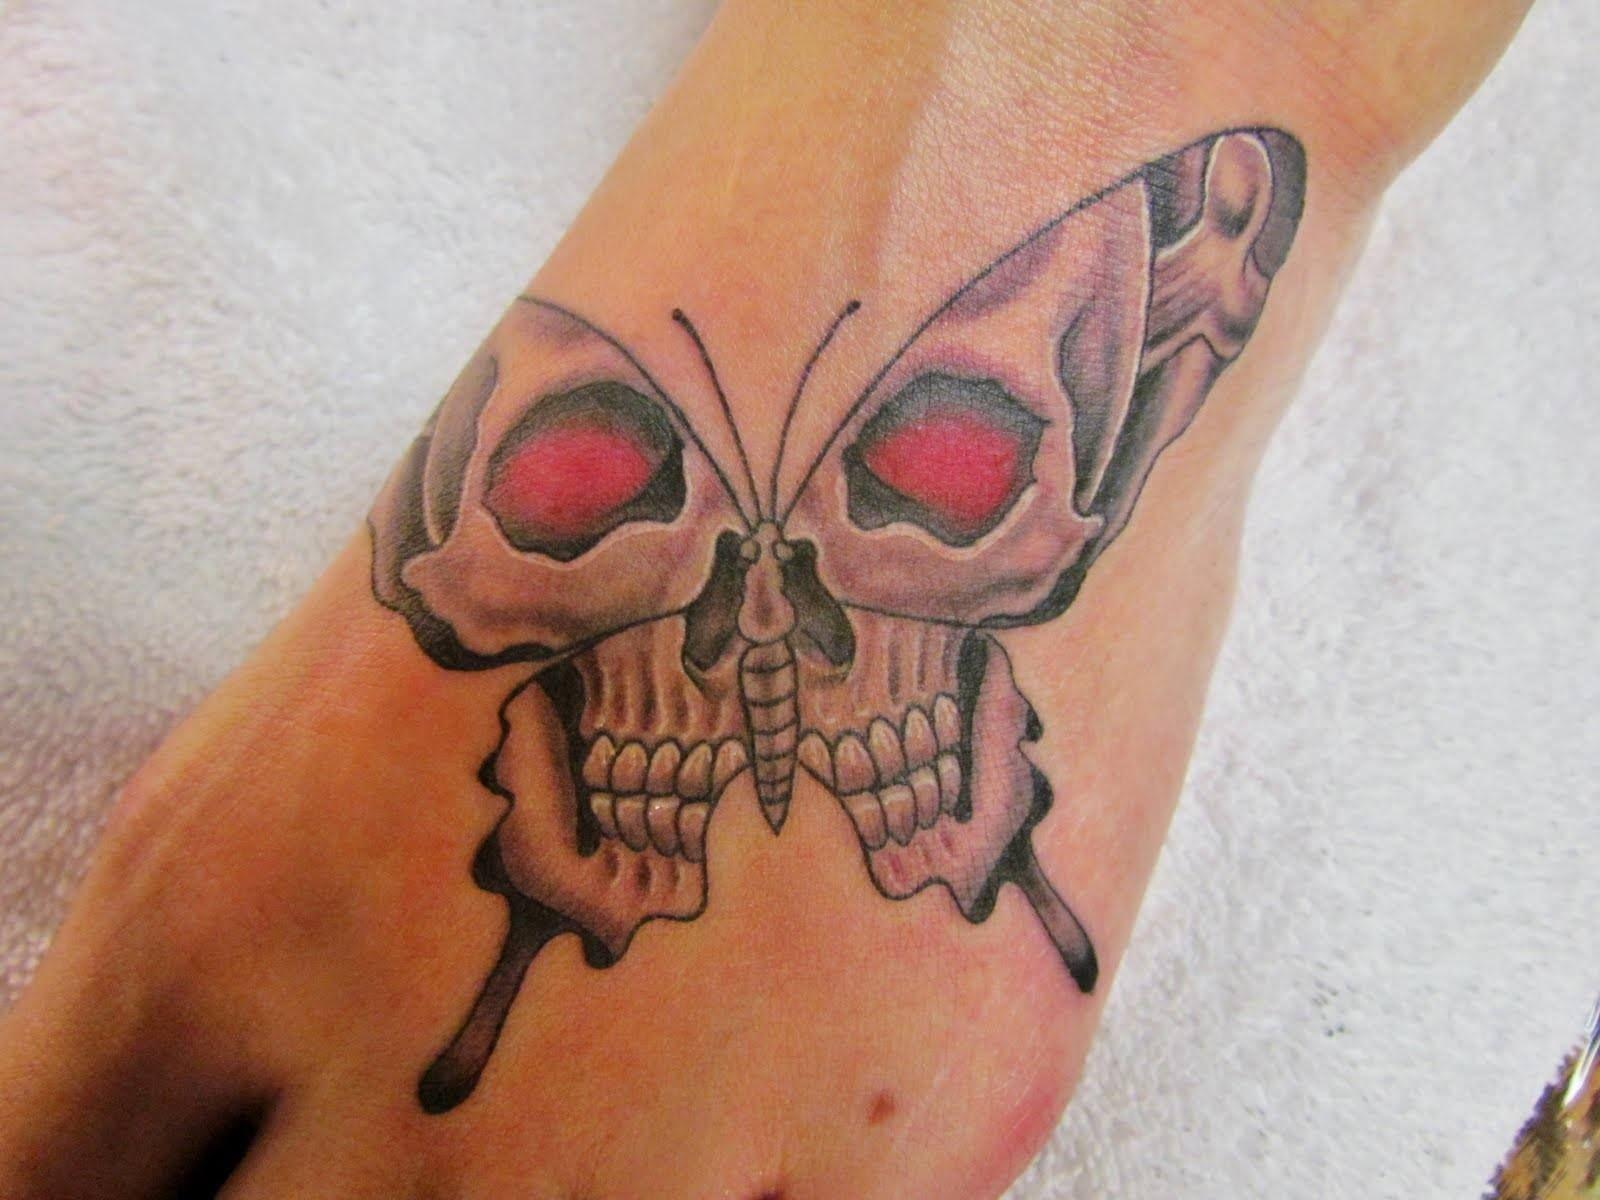 Tigger tattoo designs - 76 Crazy Skull Tattoos Designs